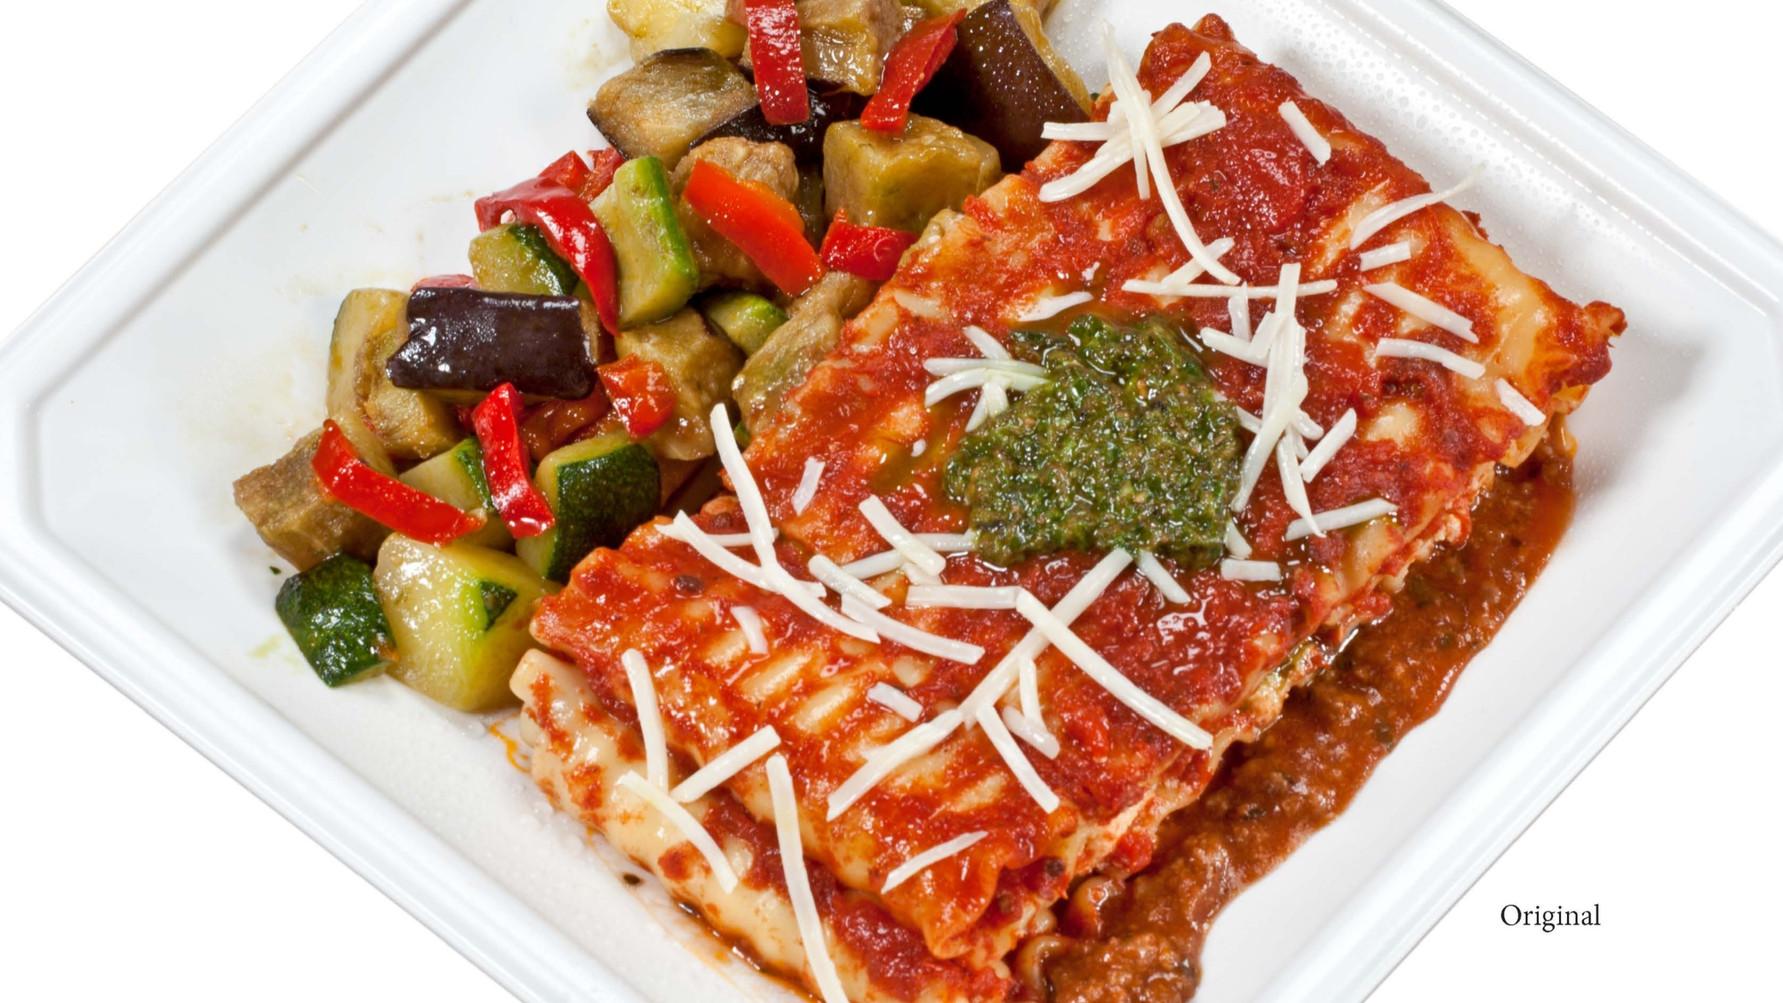 Original Lasagna Shot